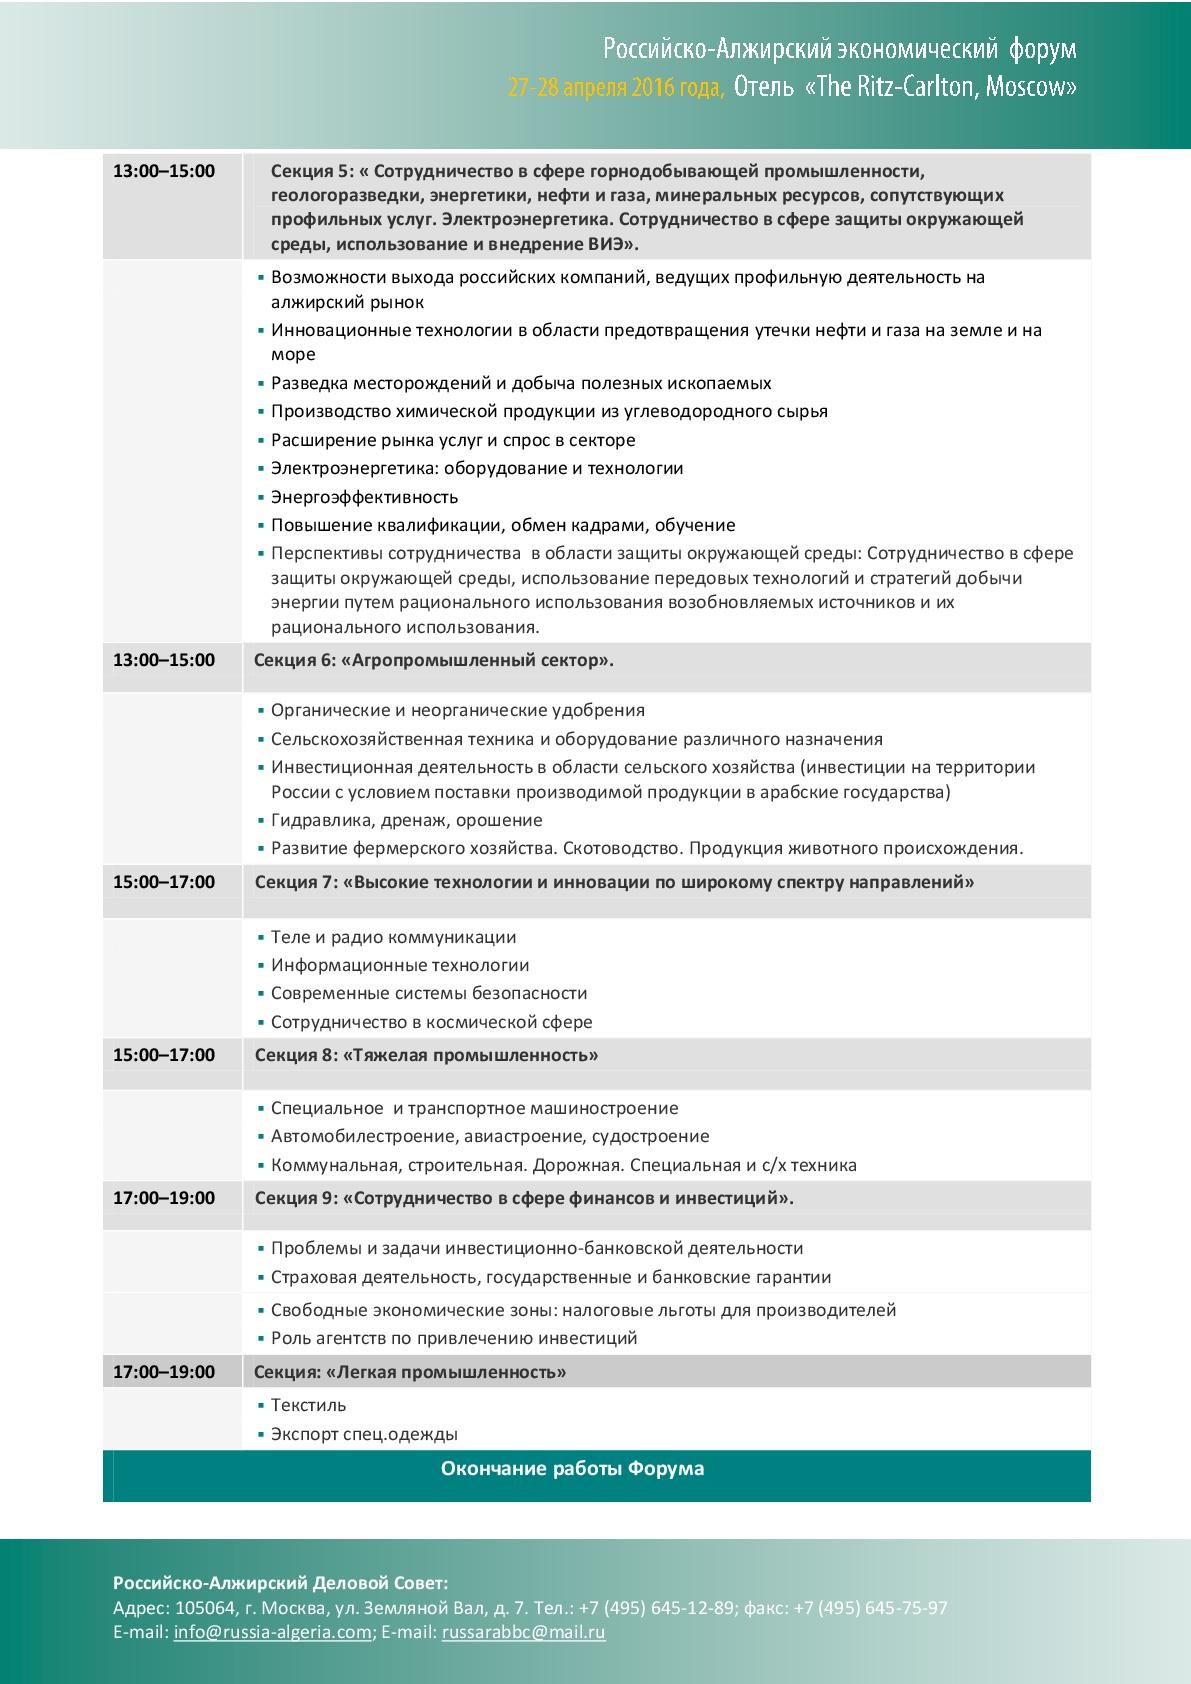 العلاقات الجزائرية الروسية - صفحة 3 26617445751_d5ab491771_o